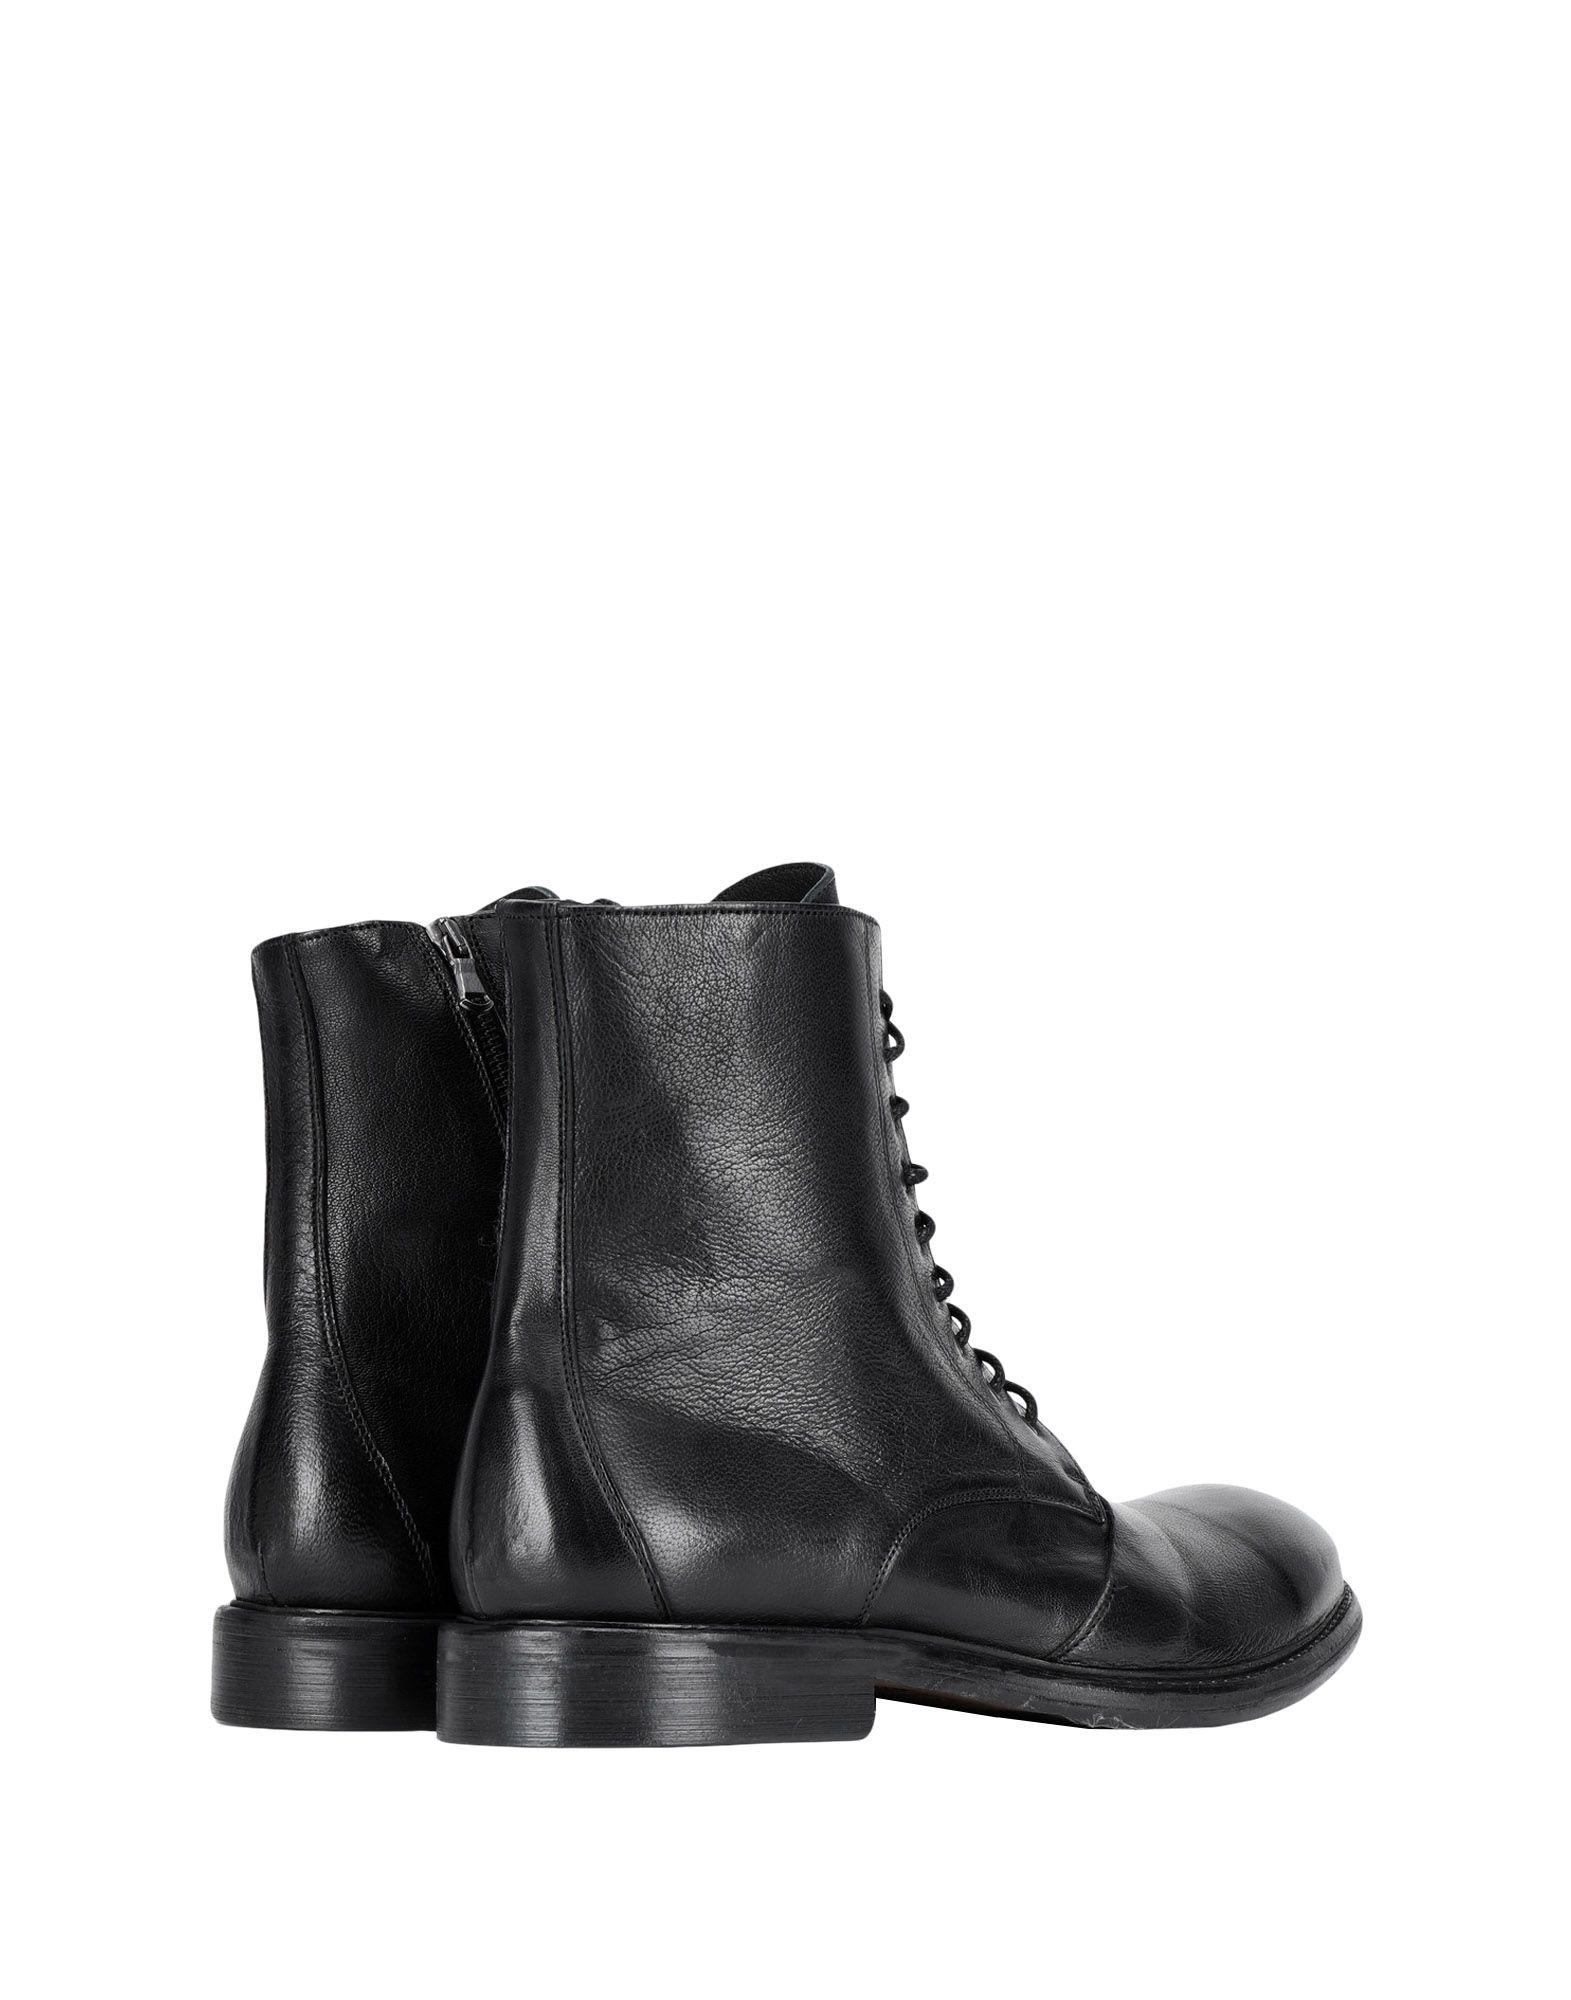 Mckanty 11535812GK Stiefelette Herren  11535812GK Mckanty Gute Qualität beliebte Schuhe 1450fd